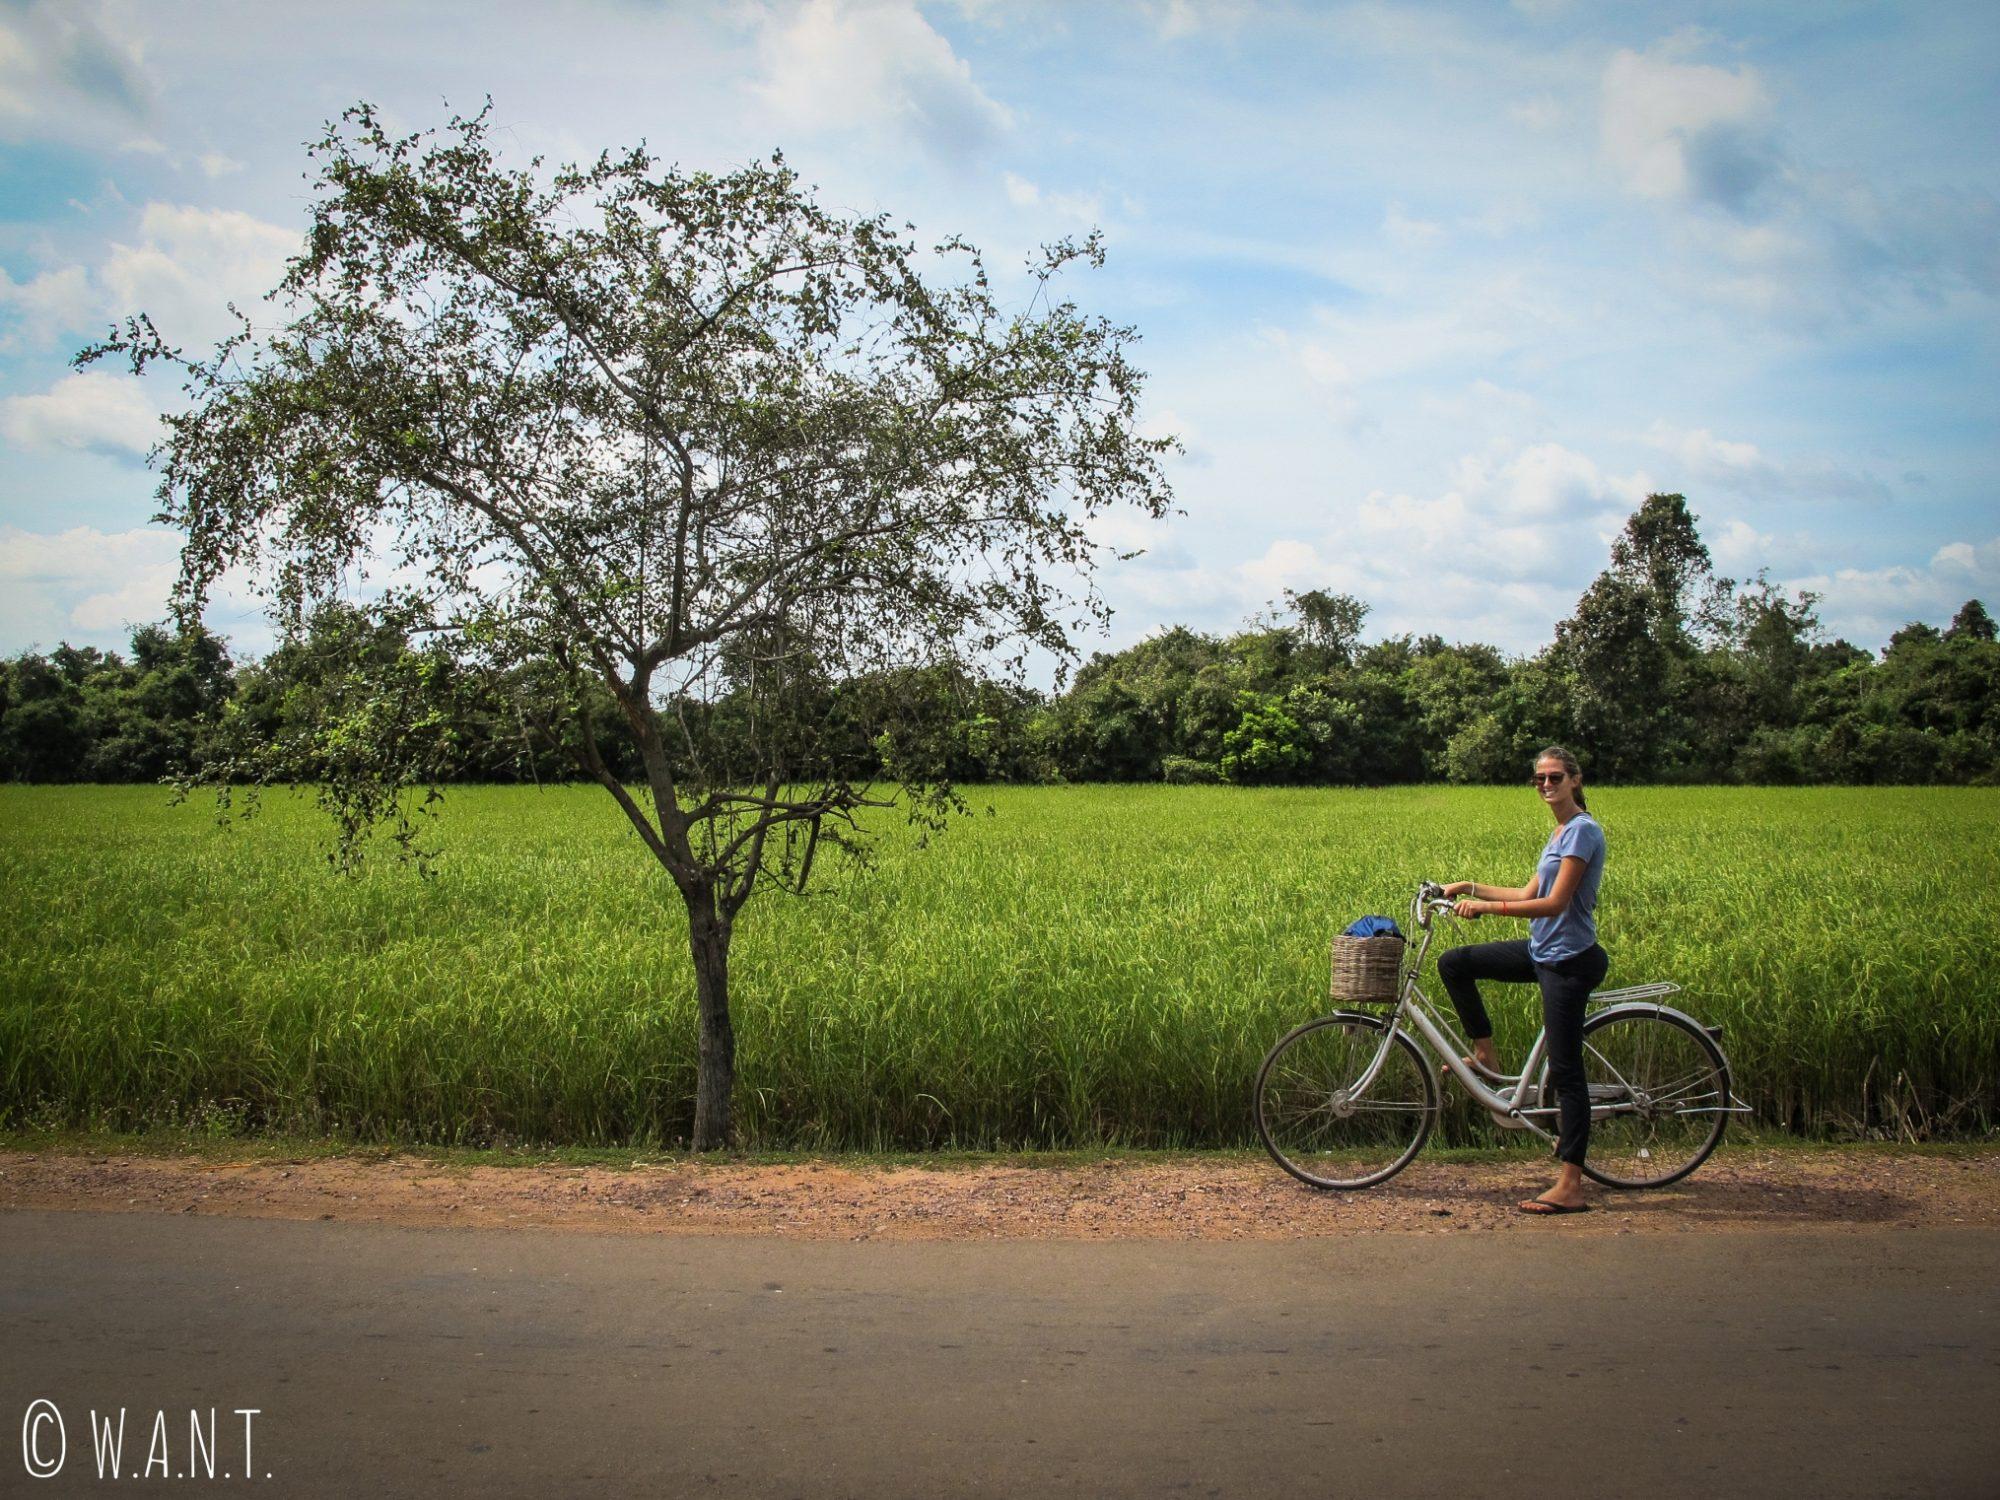 Marion sur son vélo pour visiter le site archéologique d'Angkor